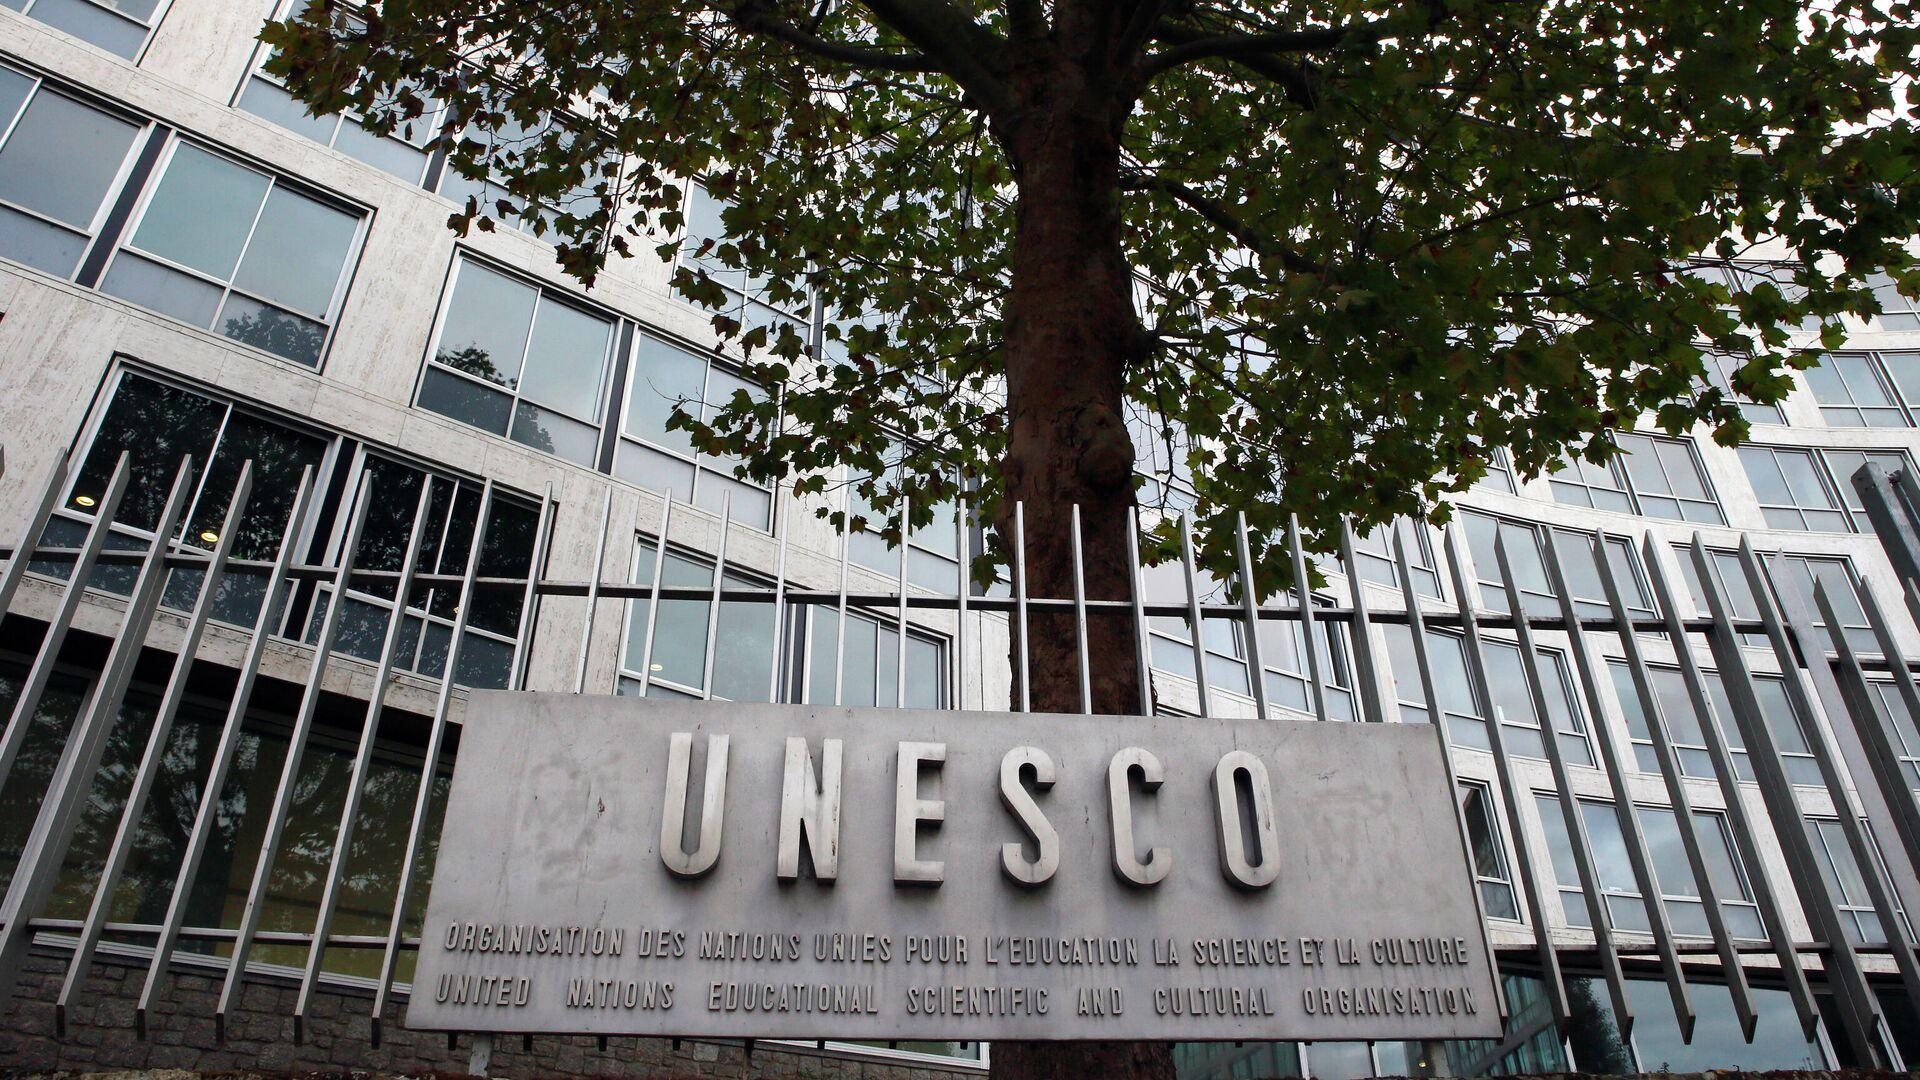 Unesco (Logo) - SNA, 1920, 29.09.2021